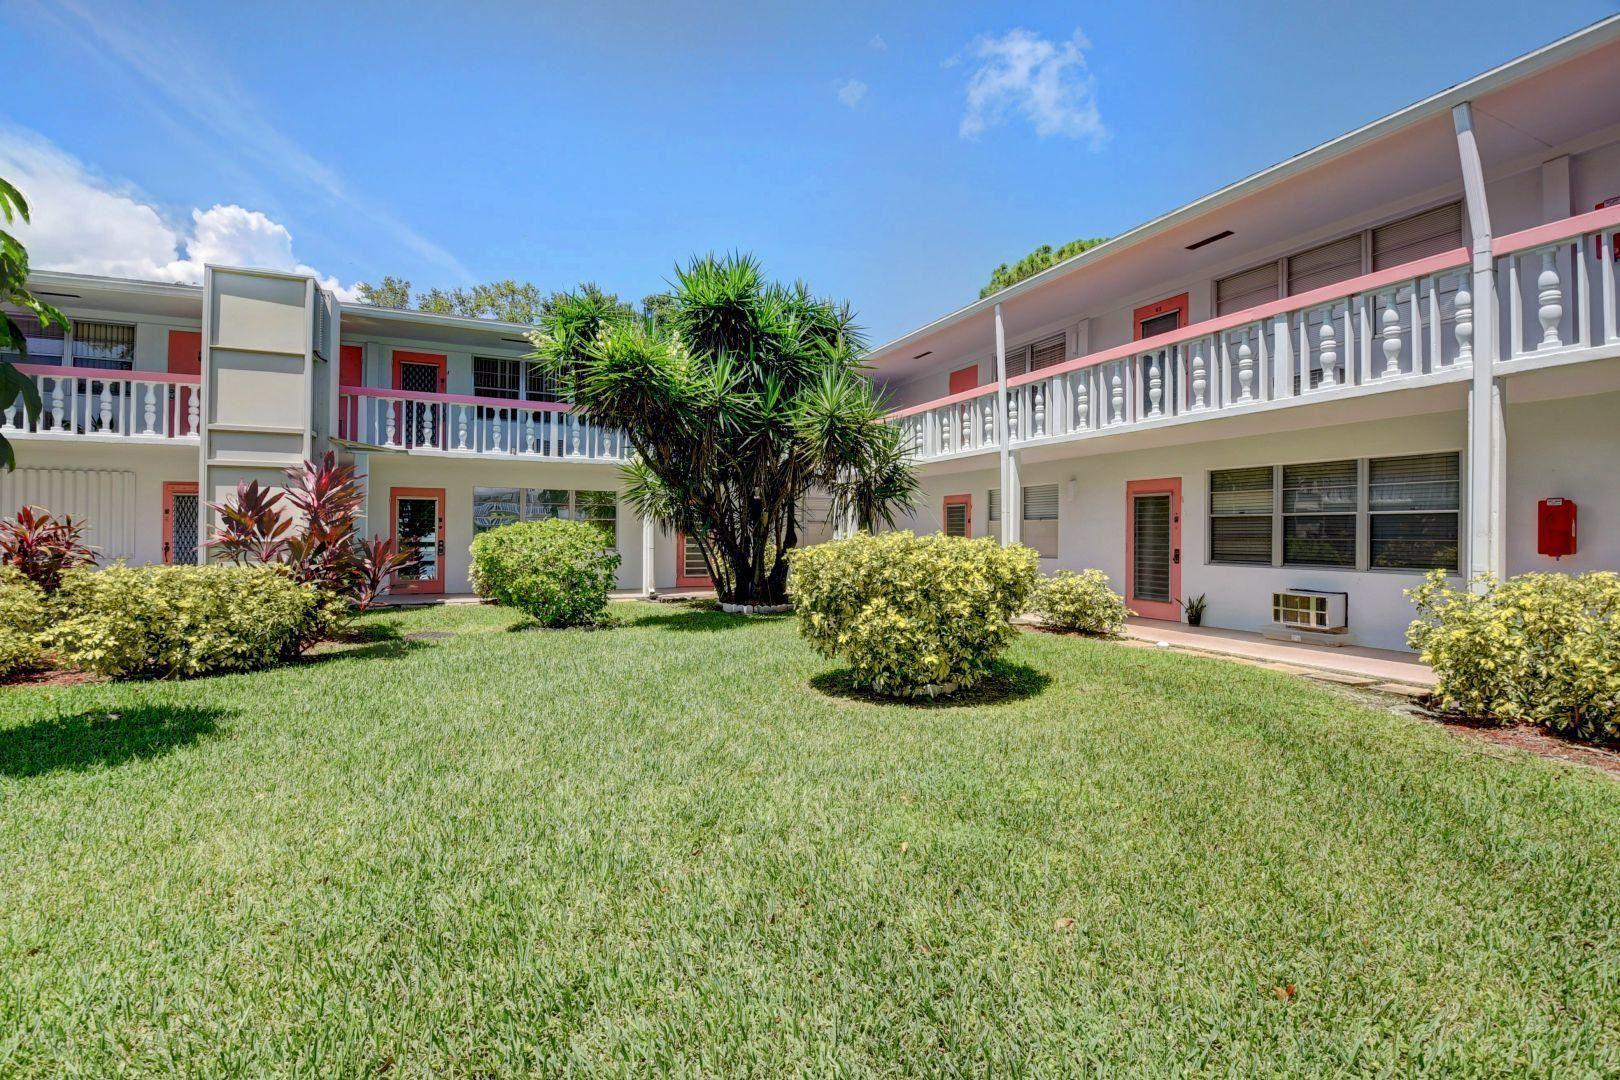 79 Ventnor #D, Deerfield Beach, FL 33442 - #: RX-10645515